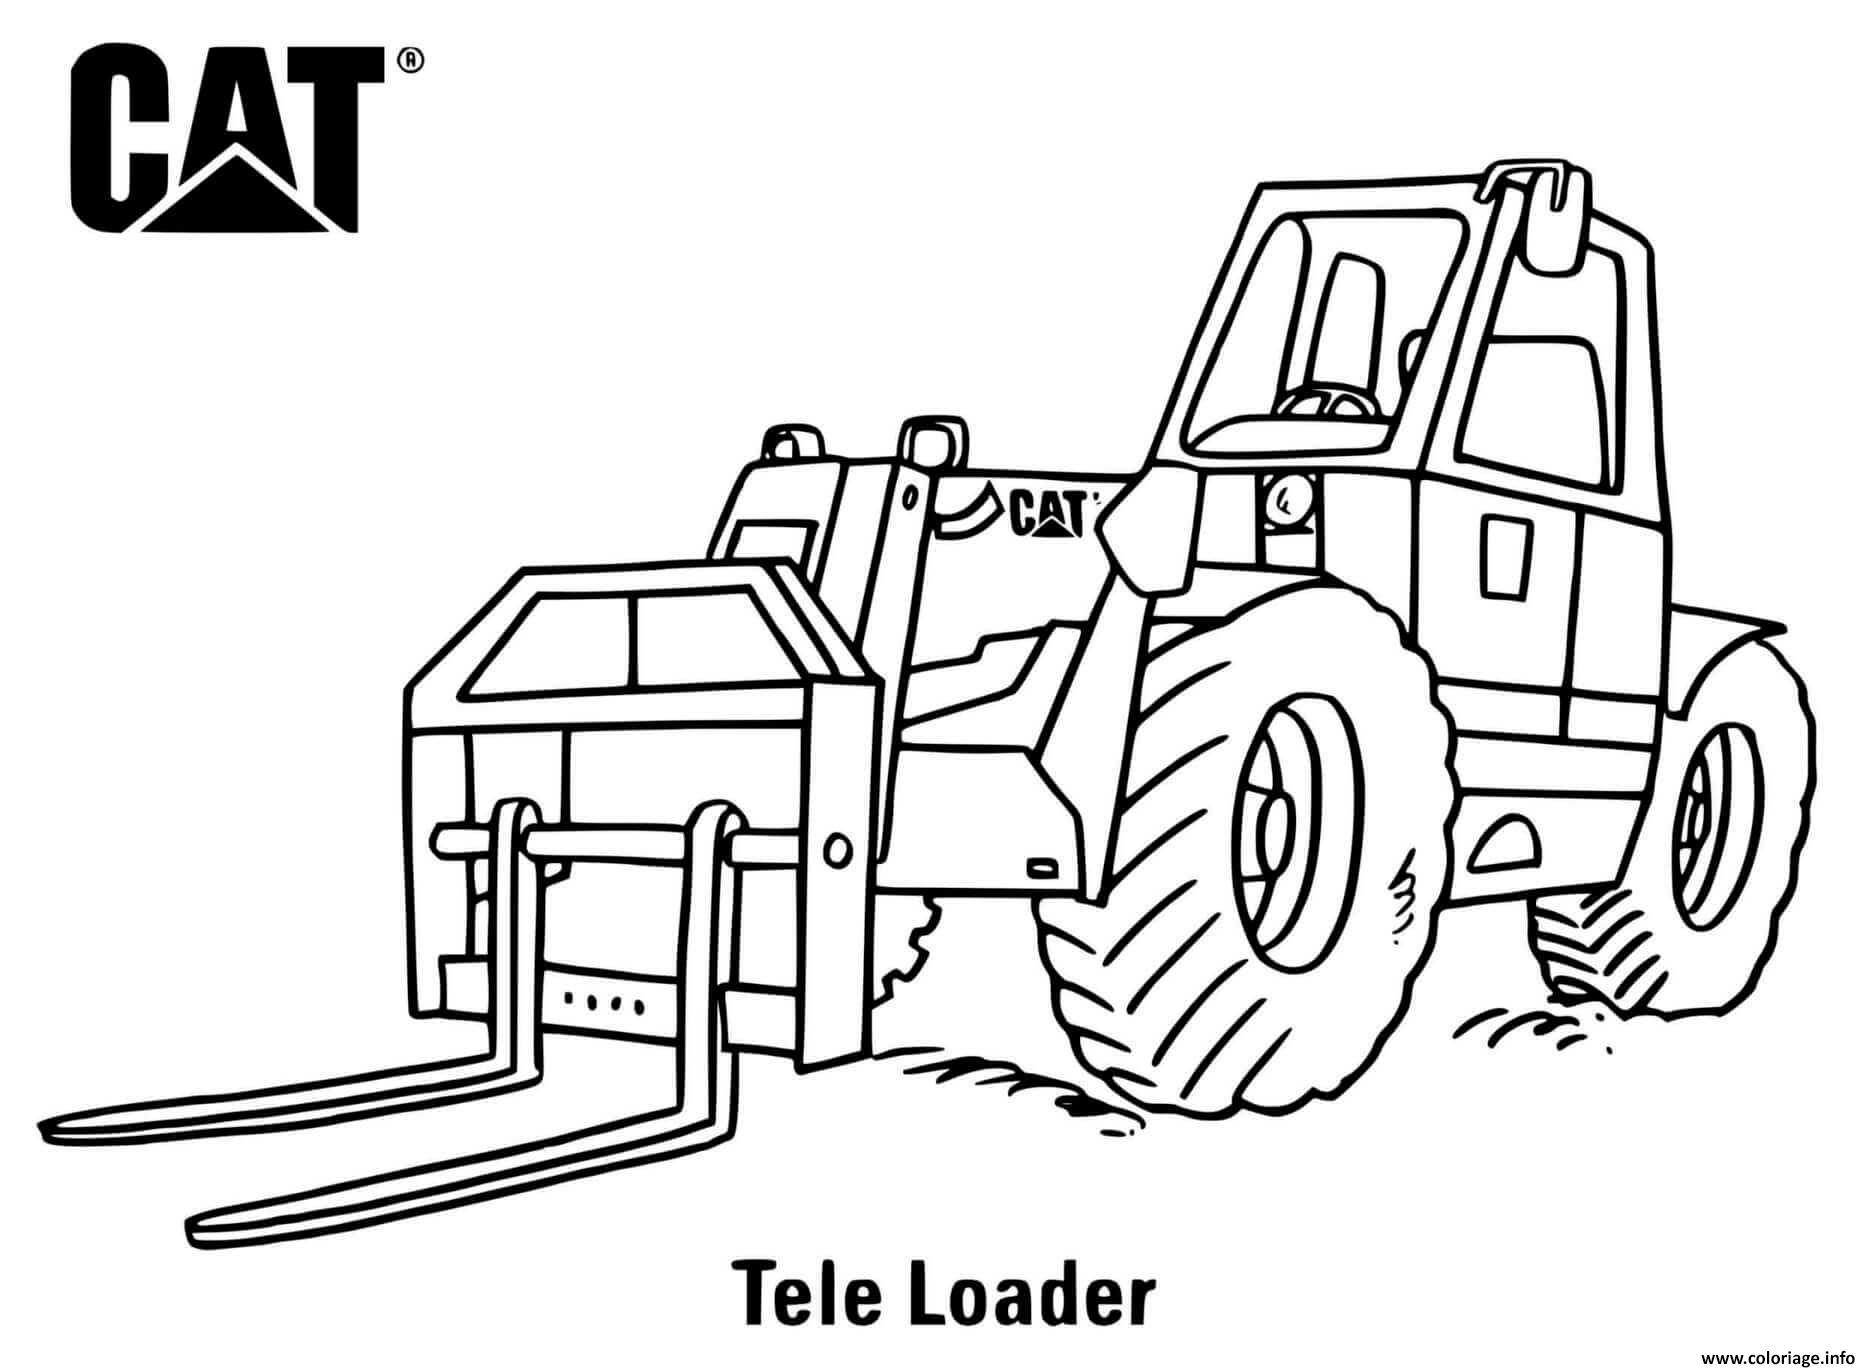 Dessin tele loader truck engin de chantier Coloriage Gratuit à Imprimer